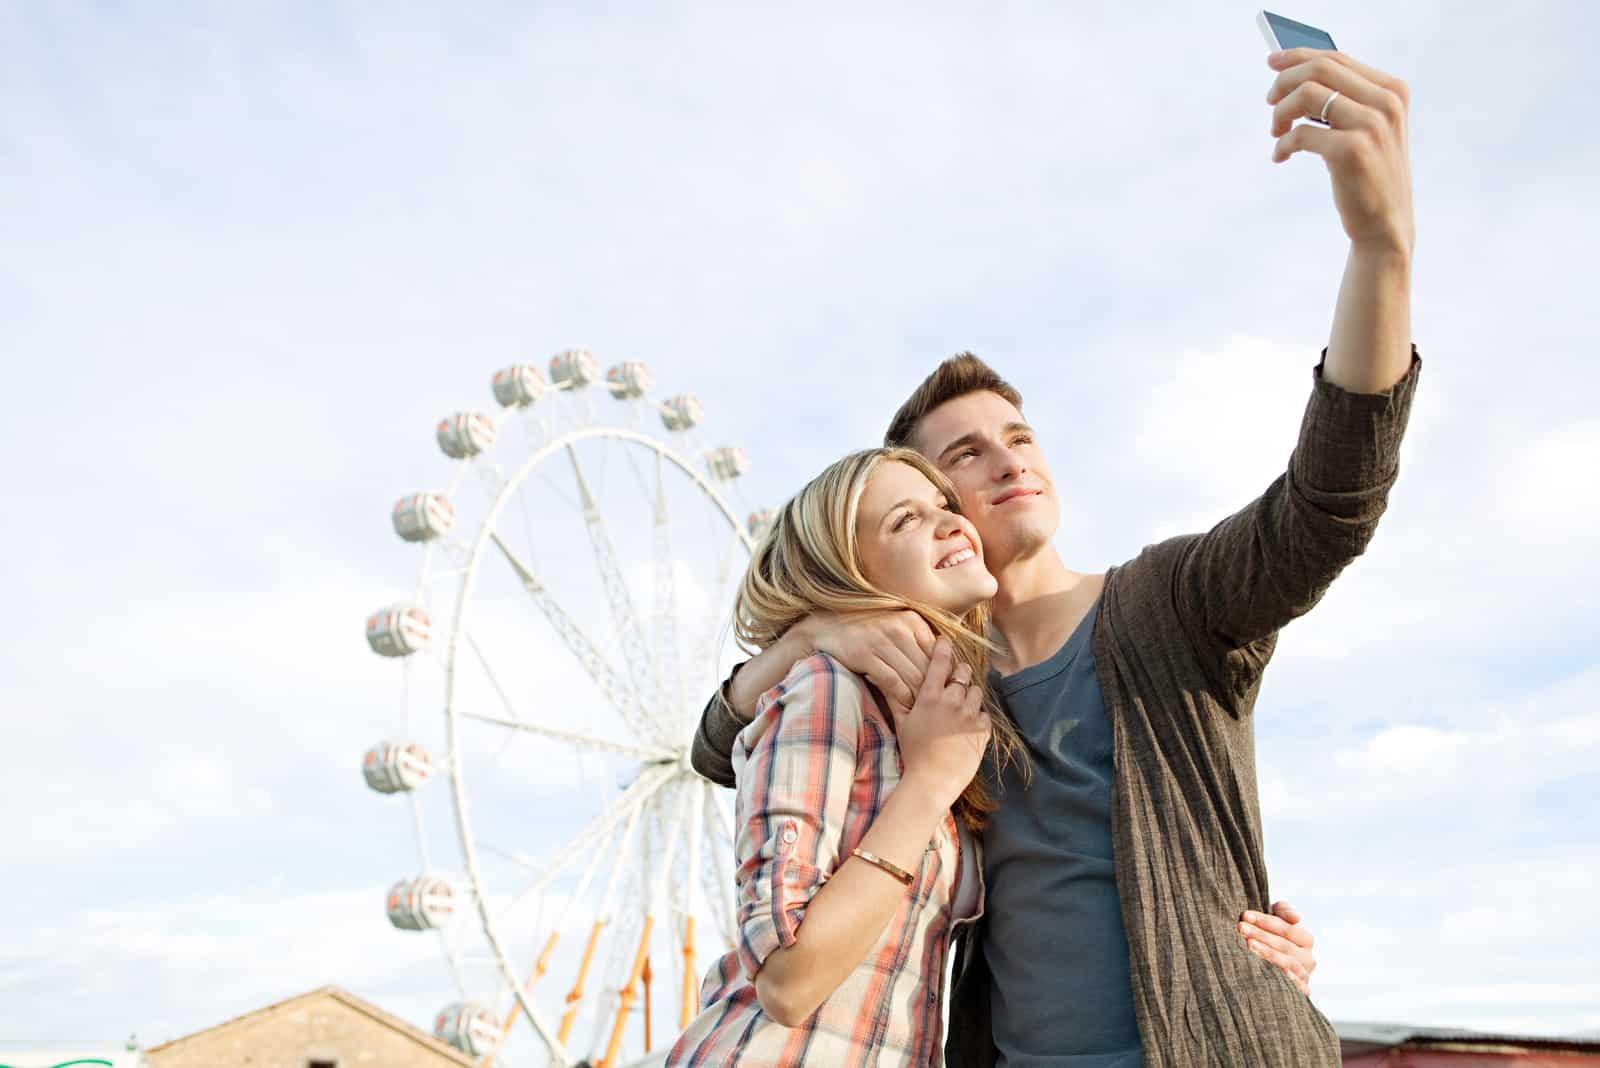 un homme prend une photo avec une femme